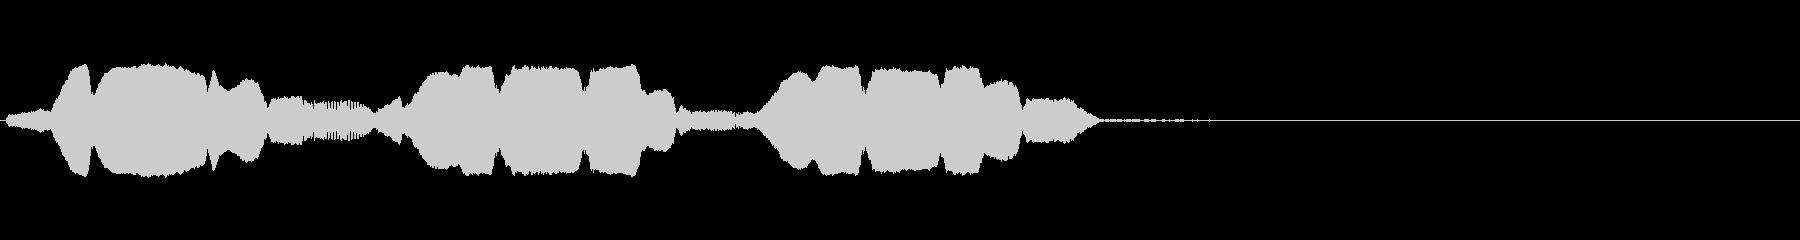 フルート:ローワーブル、漫画コメデ...の未再生の波形